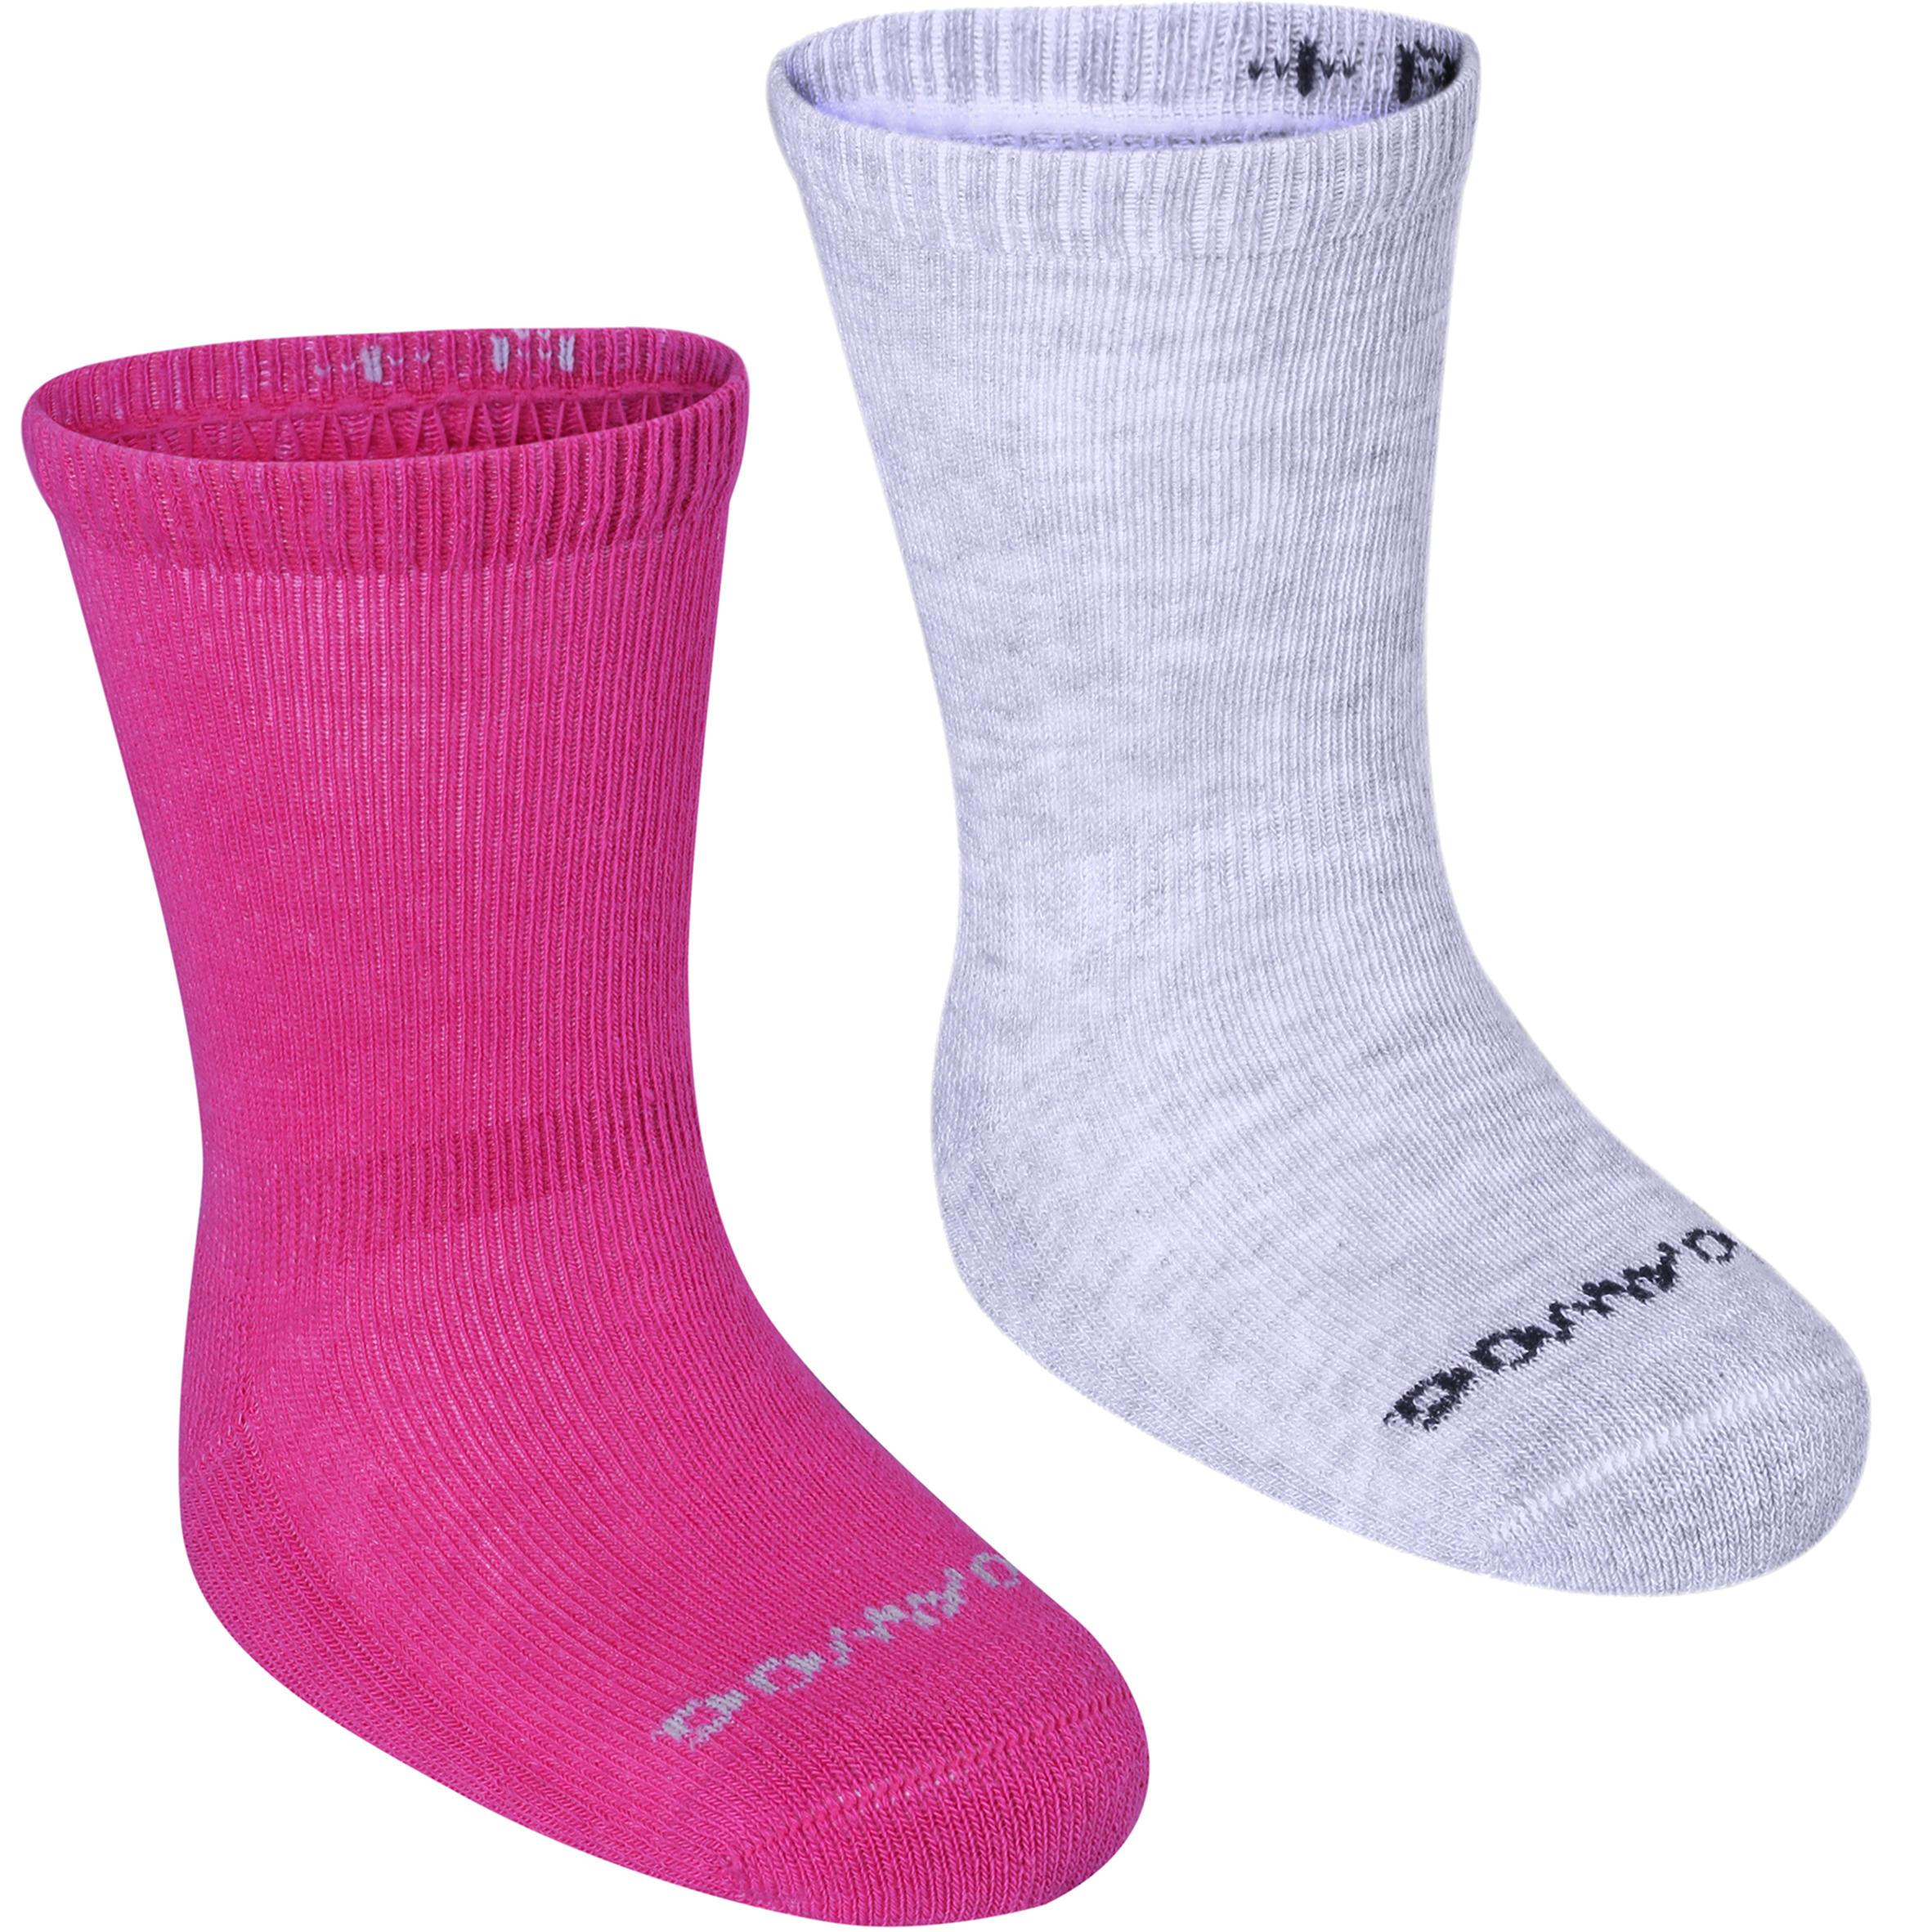 500 Anti-Slip Gym Socks...